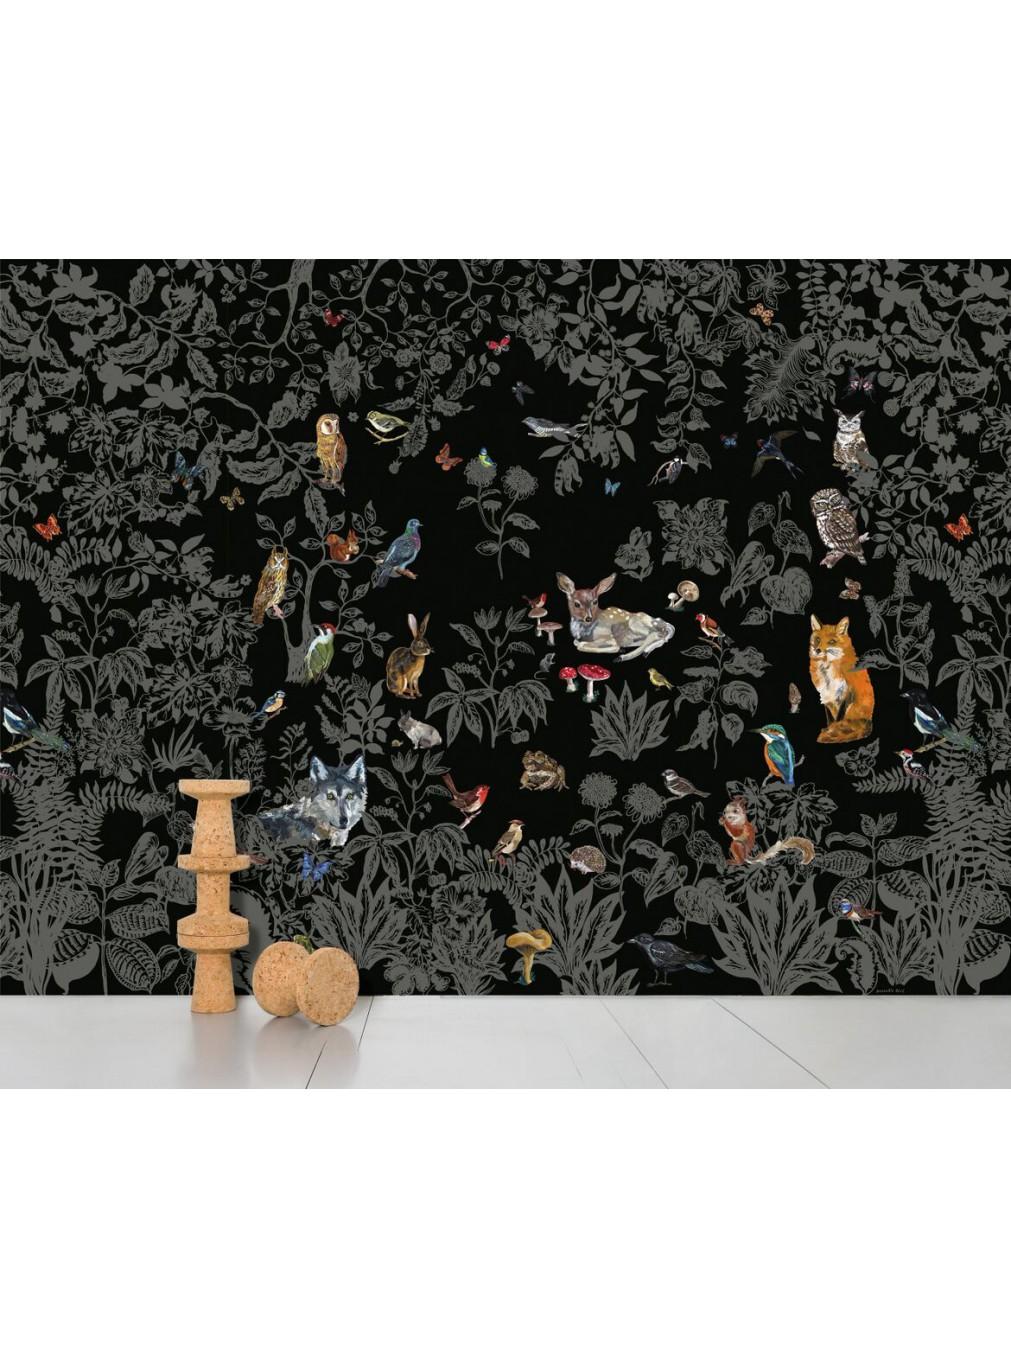 papier-peint-foret-noire1